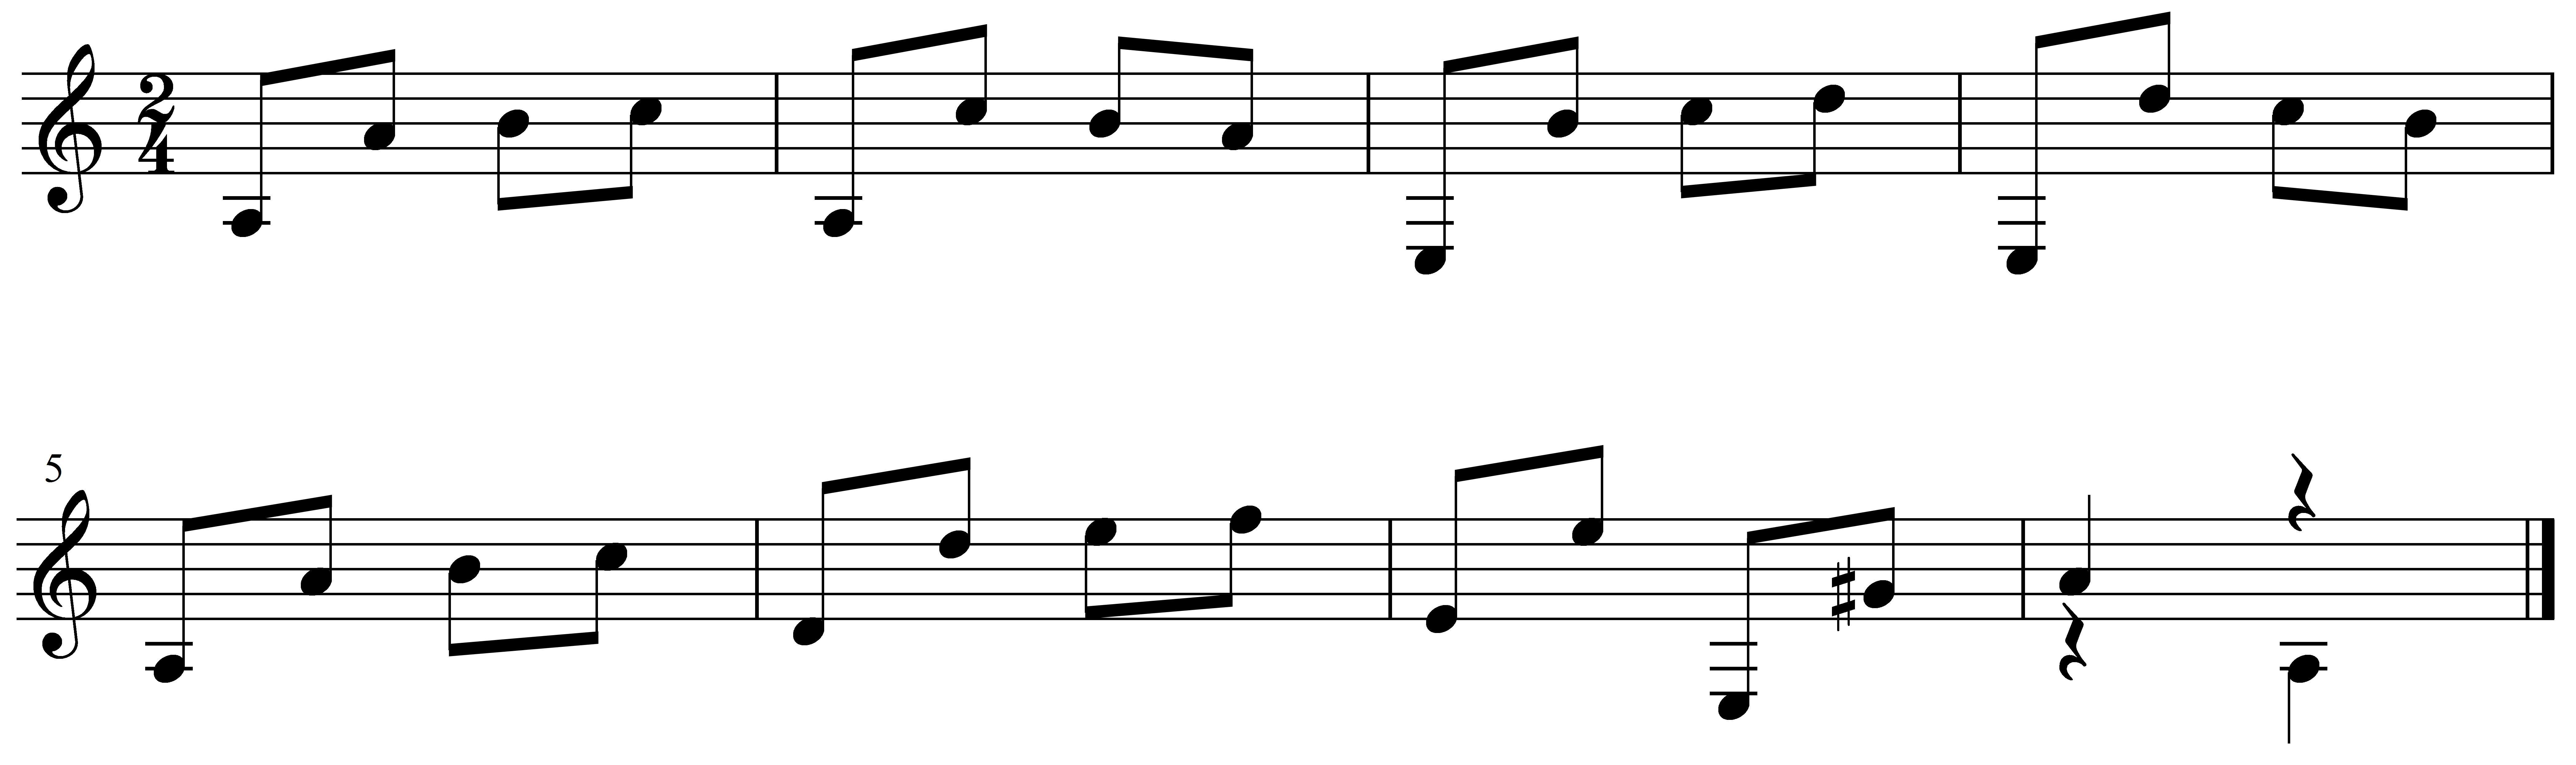 アントニオカーノのエチュードの楽譜です